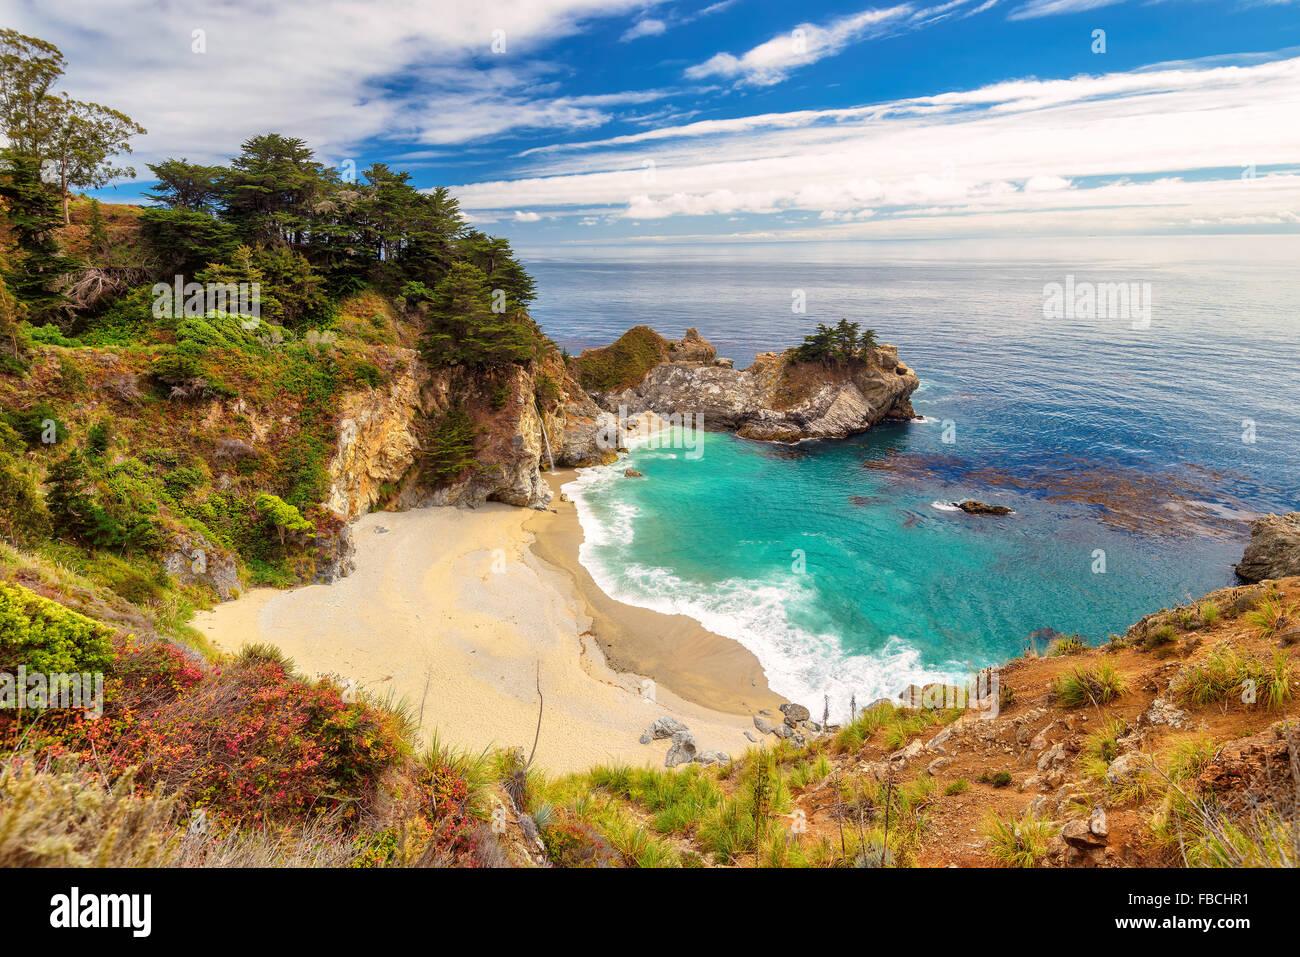 Schöner Strand und Falls, Kalifornien, Vereinigte Staaten Stockbild